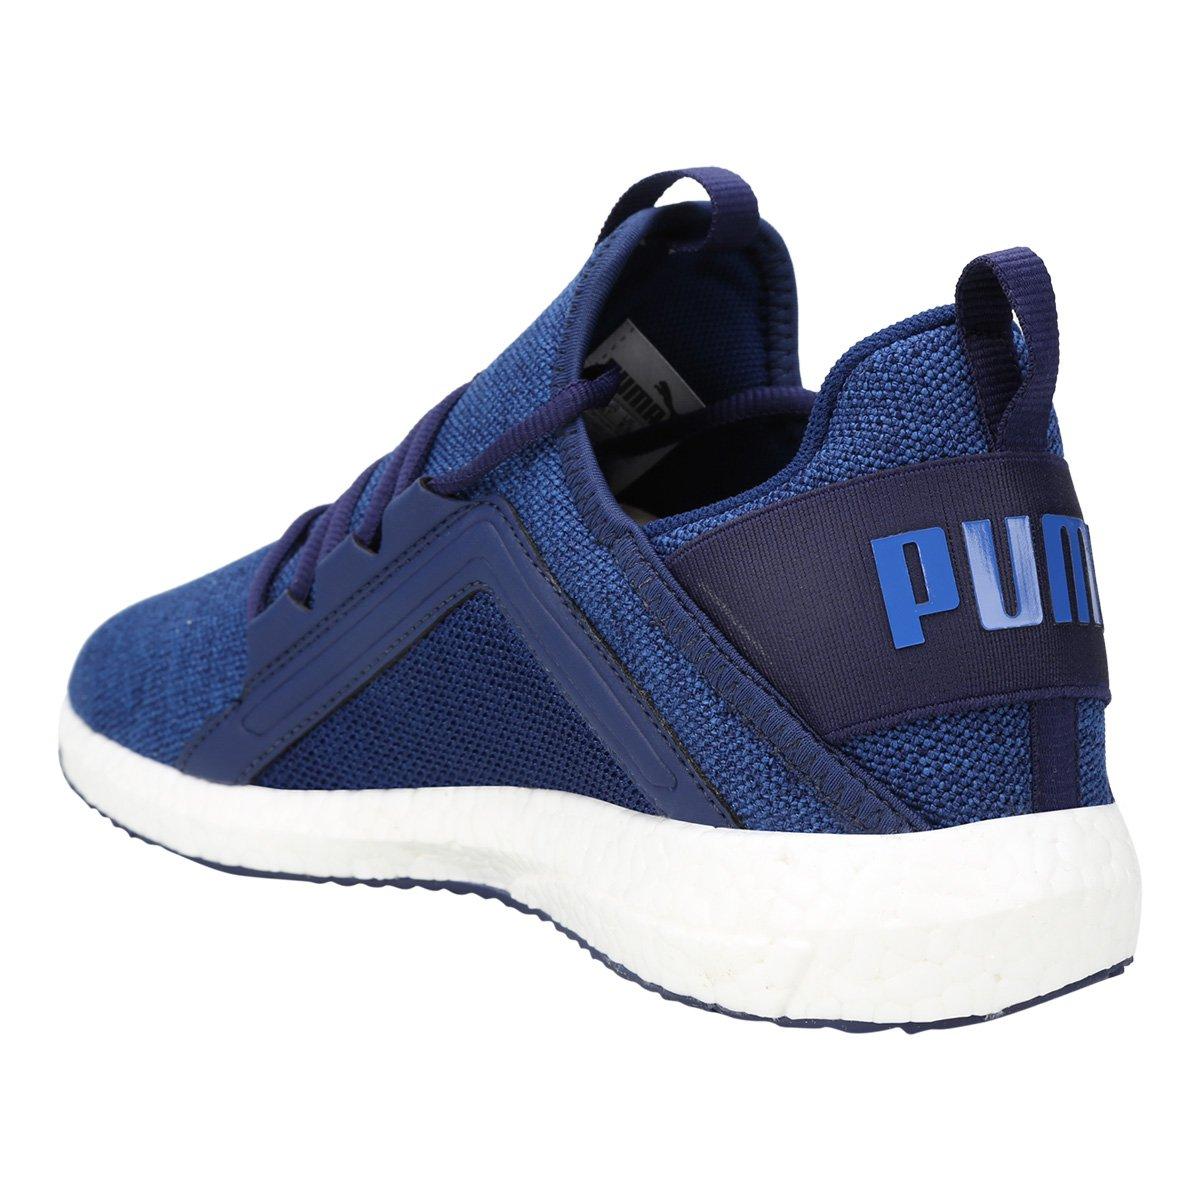 Tênis Puma Mega Nrgy Knit Bdp Masculino - Marinho - Compre Agora ... 8daf973631841